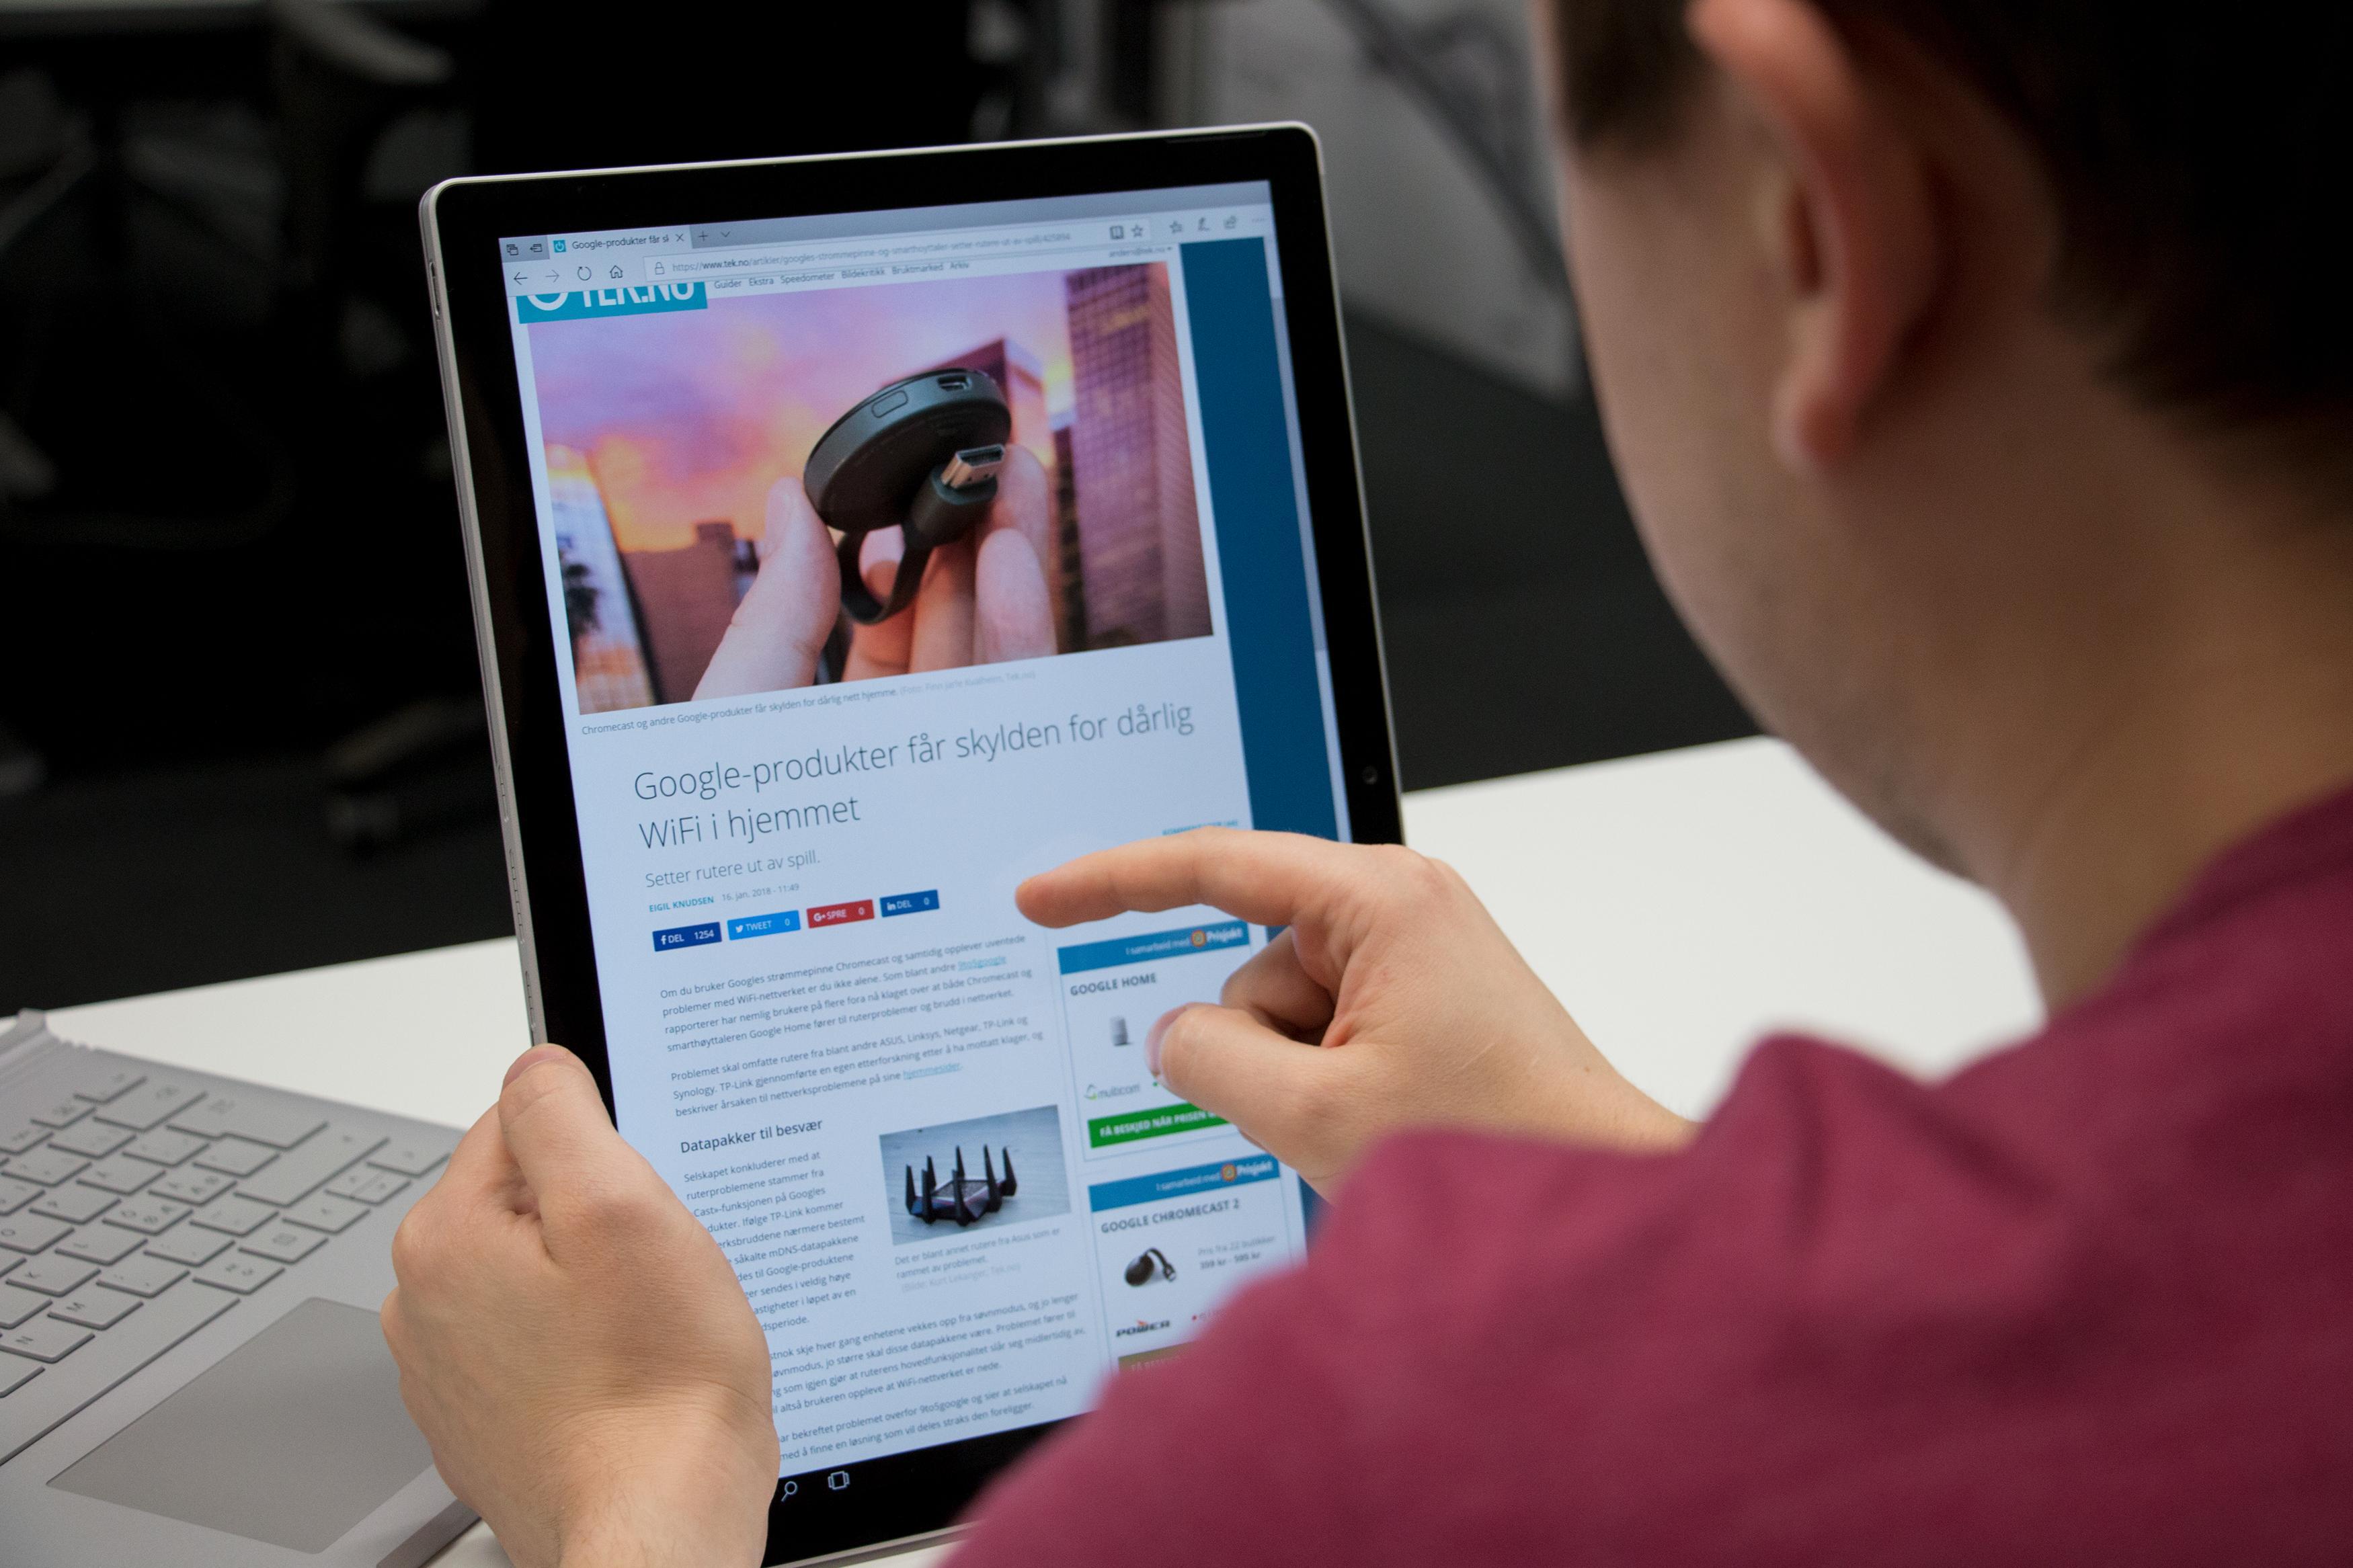 God plass til innhold når skjermen måler 13,5 tommer! Bilde: Anders Brattensborg Smedsrud, Tek.no